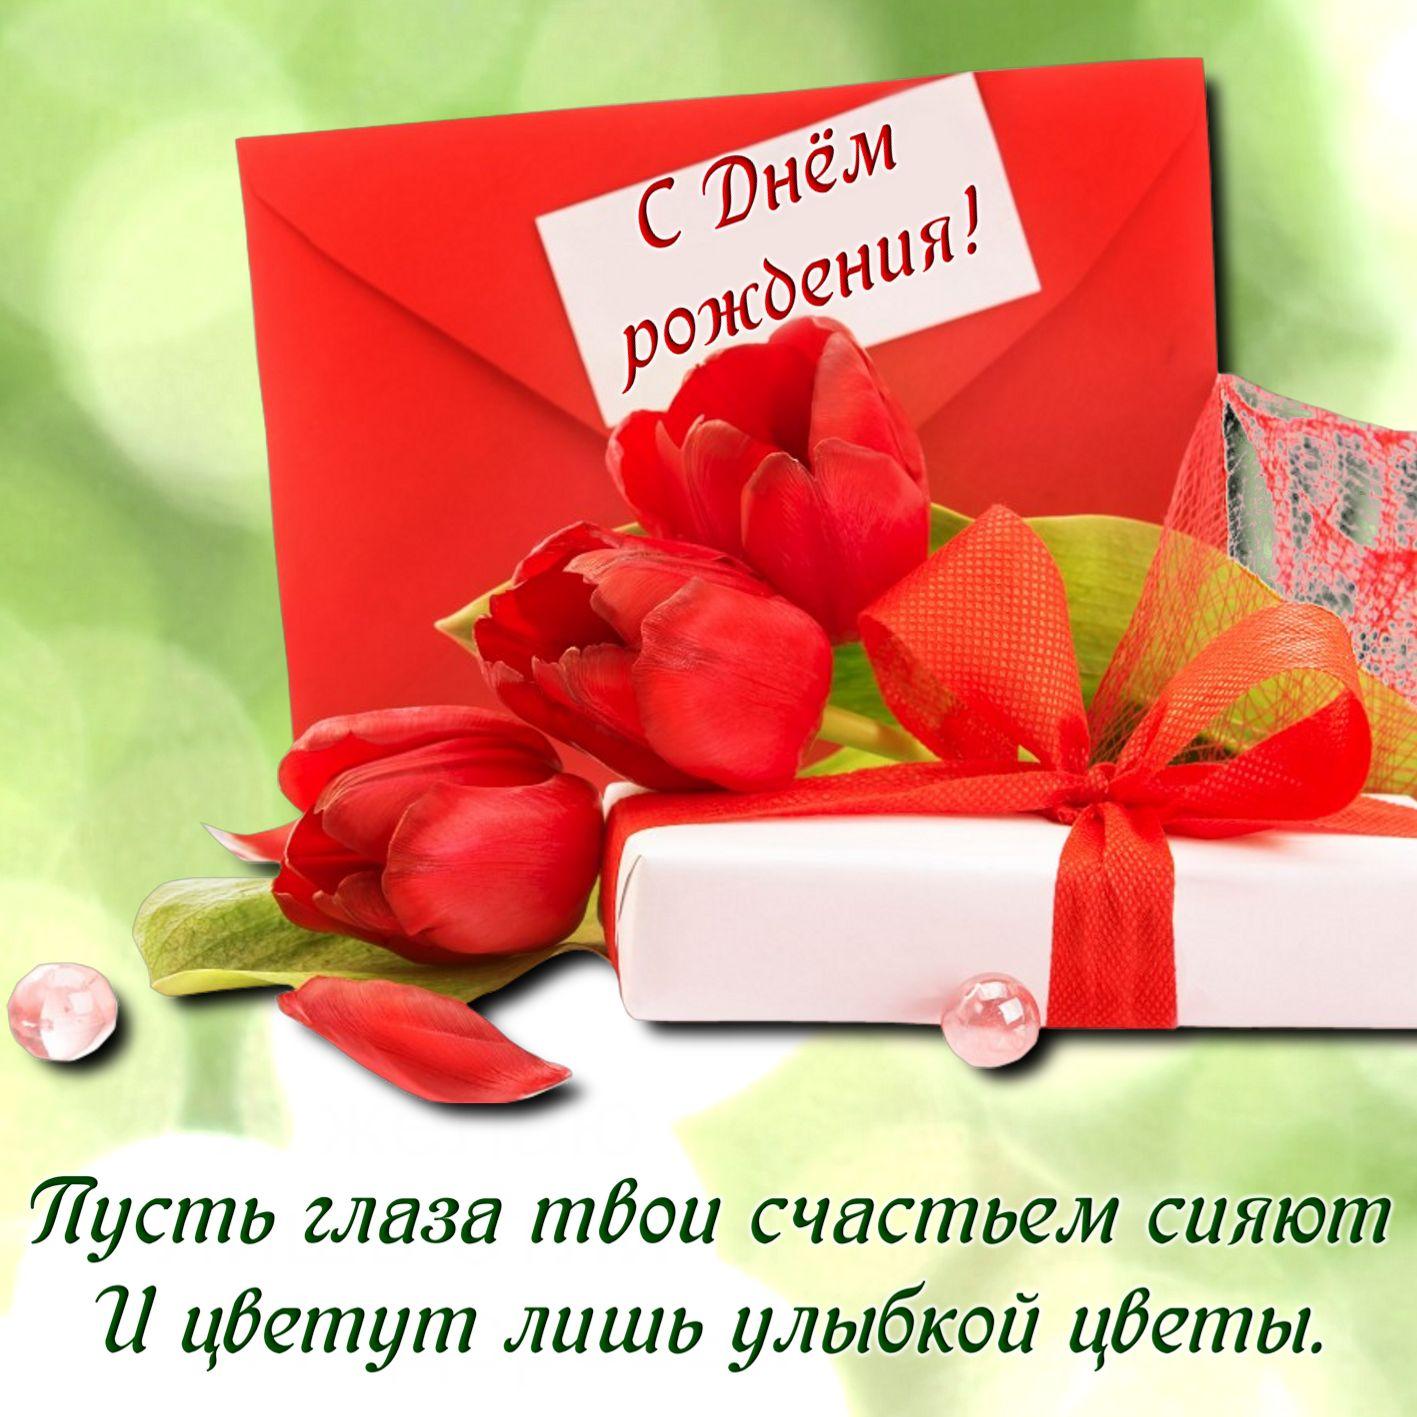 Женщине. Тюльпаны женщине на День рождения. С Днём рождения! Пусть глаза твои счастьем сияют и цветут лишь улыбкой цветы.